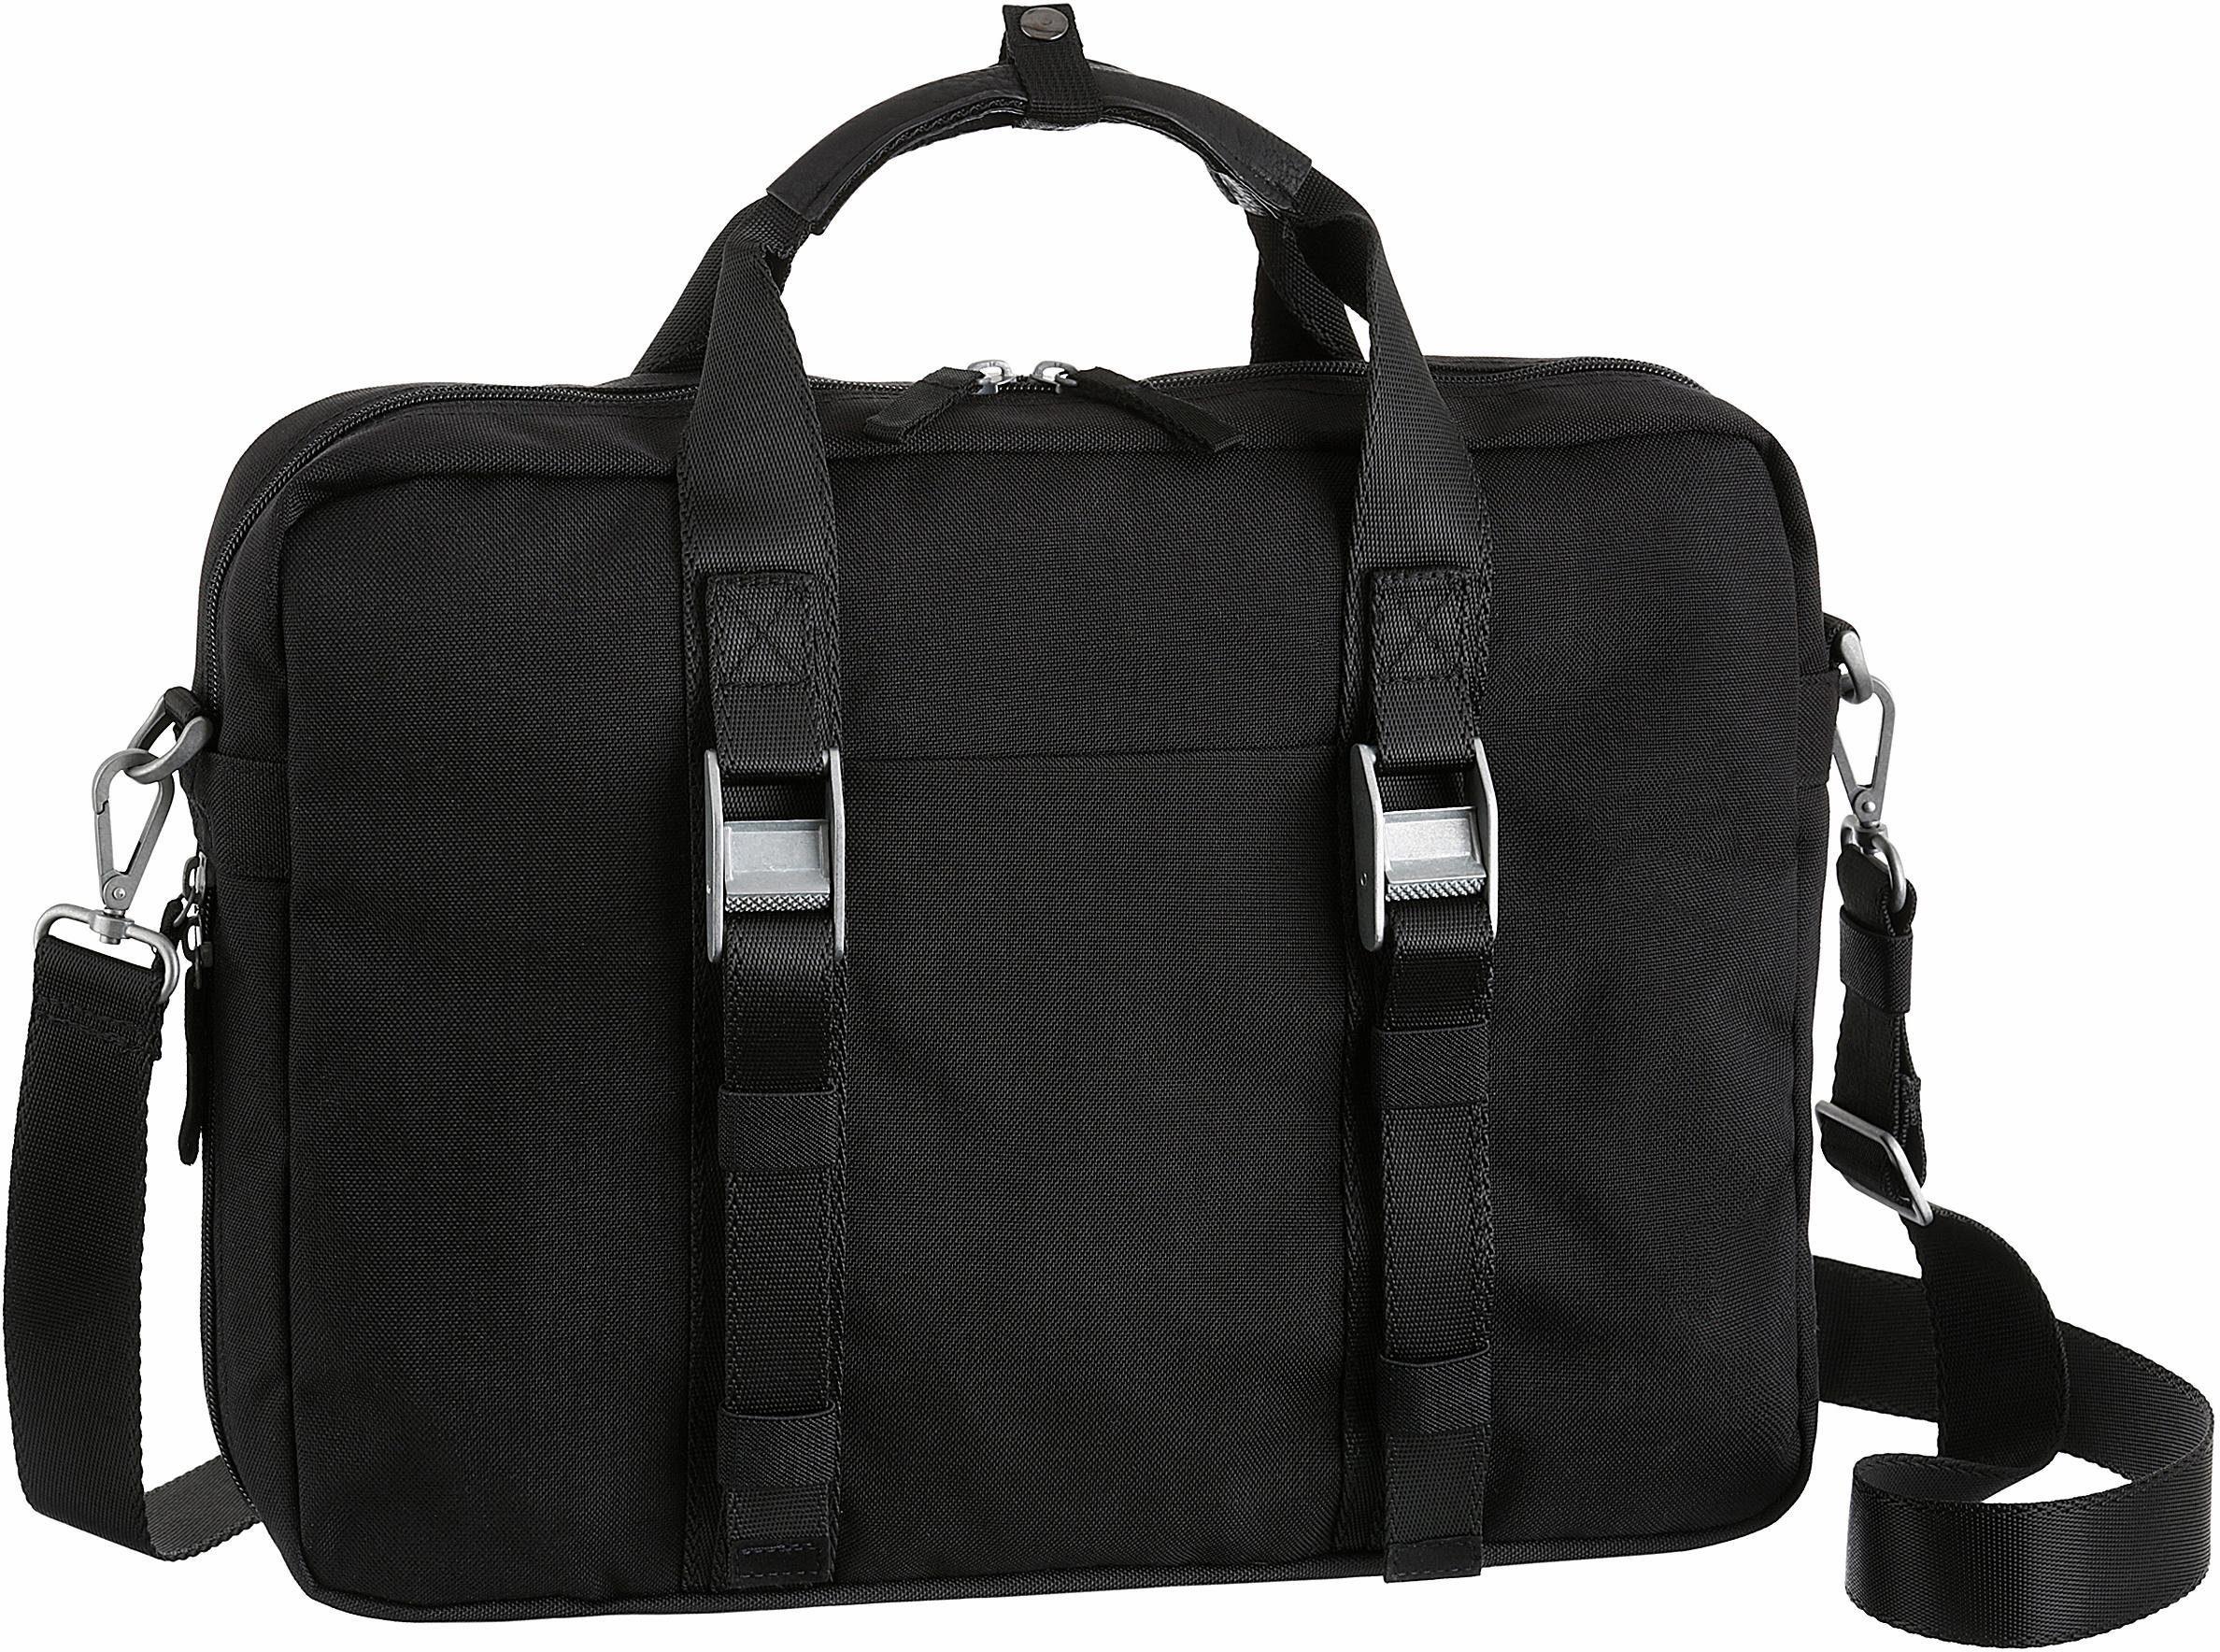 CARGO Businesstasche mit 13-Zoll Laptopfach, »Cargo 101, schwarz«